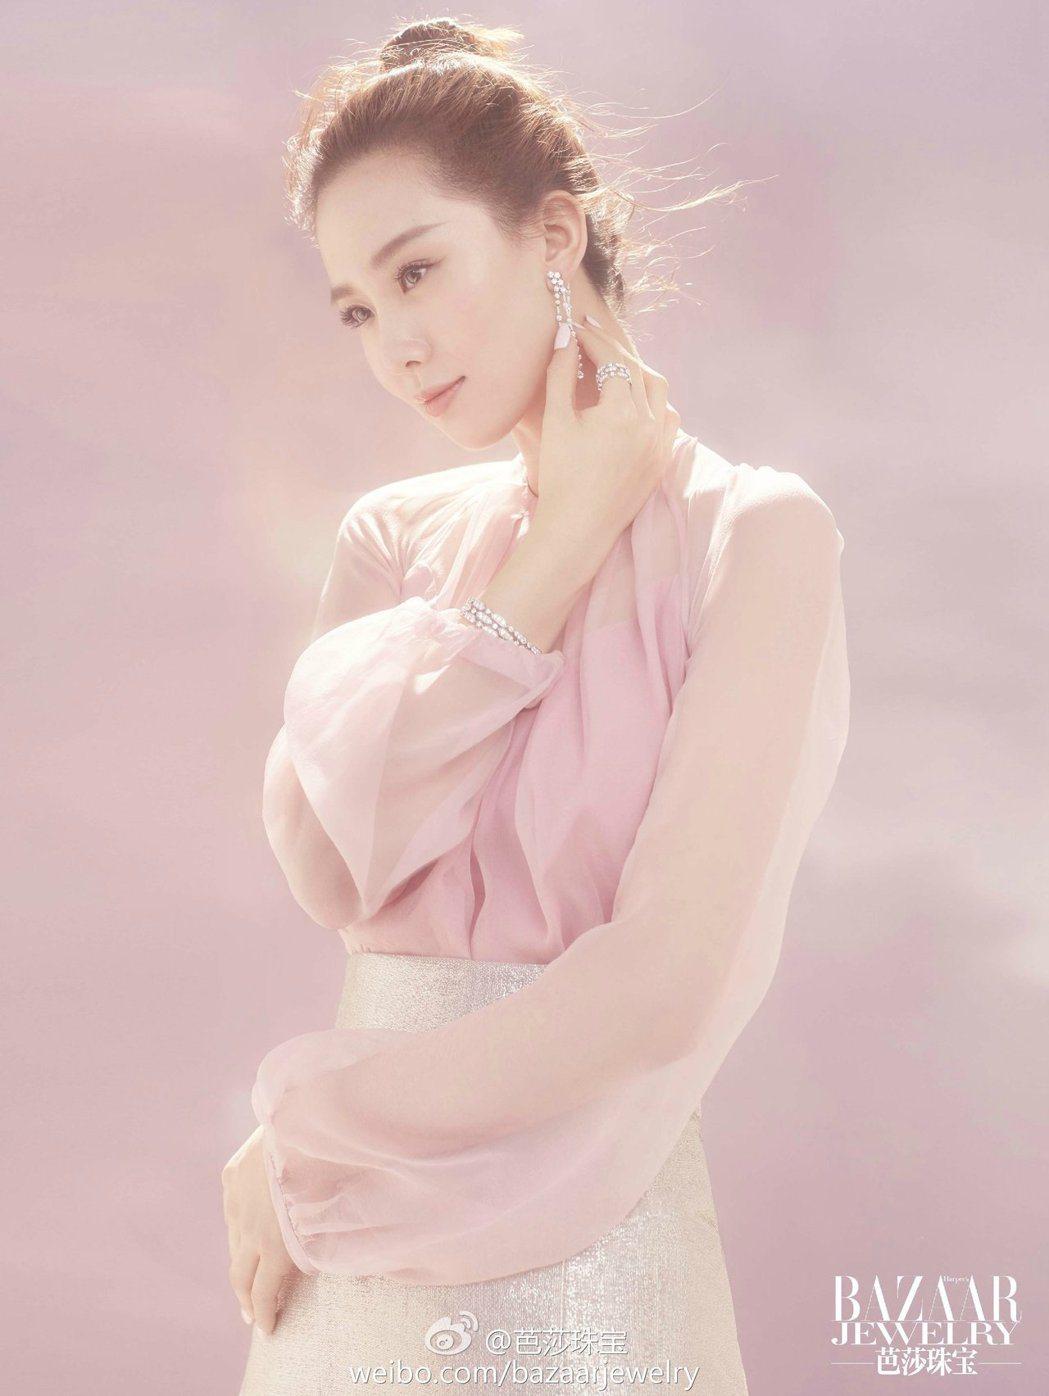 劉詩詩為時尚雜誌拍攝的寫真曝光。 圖/擷自微博